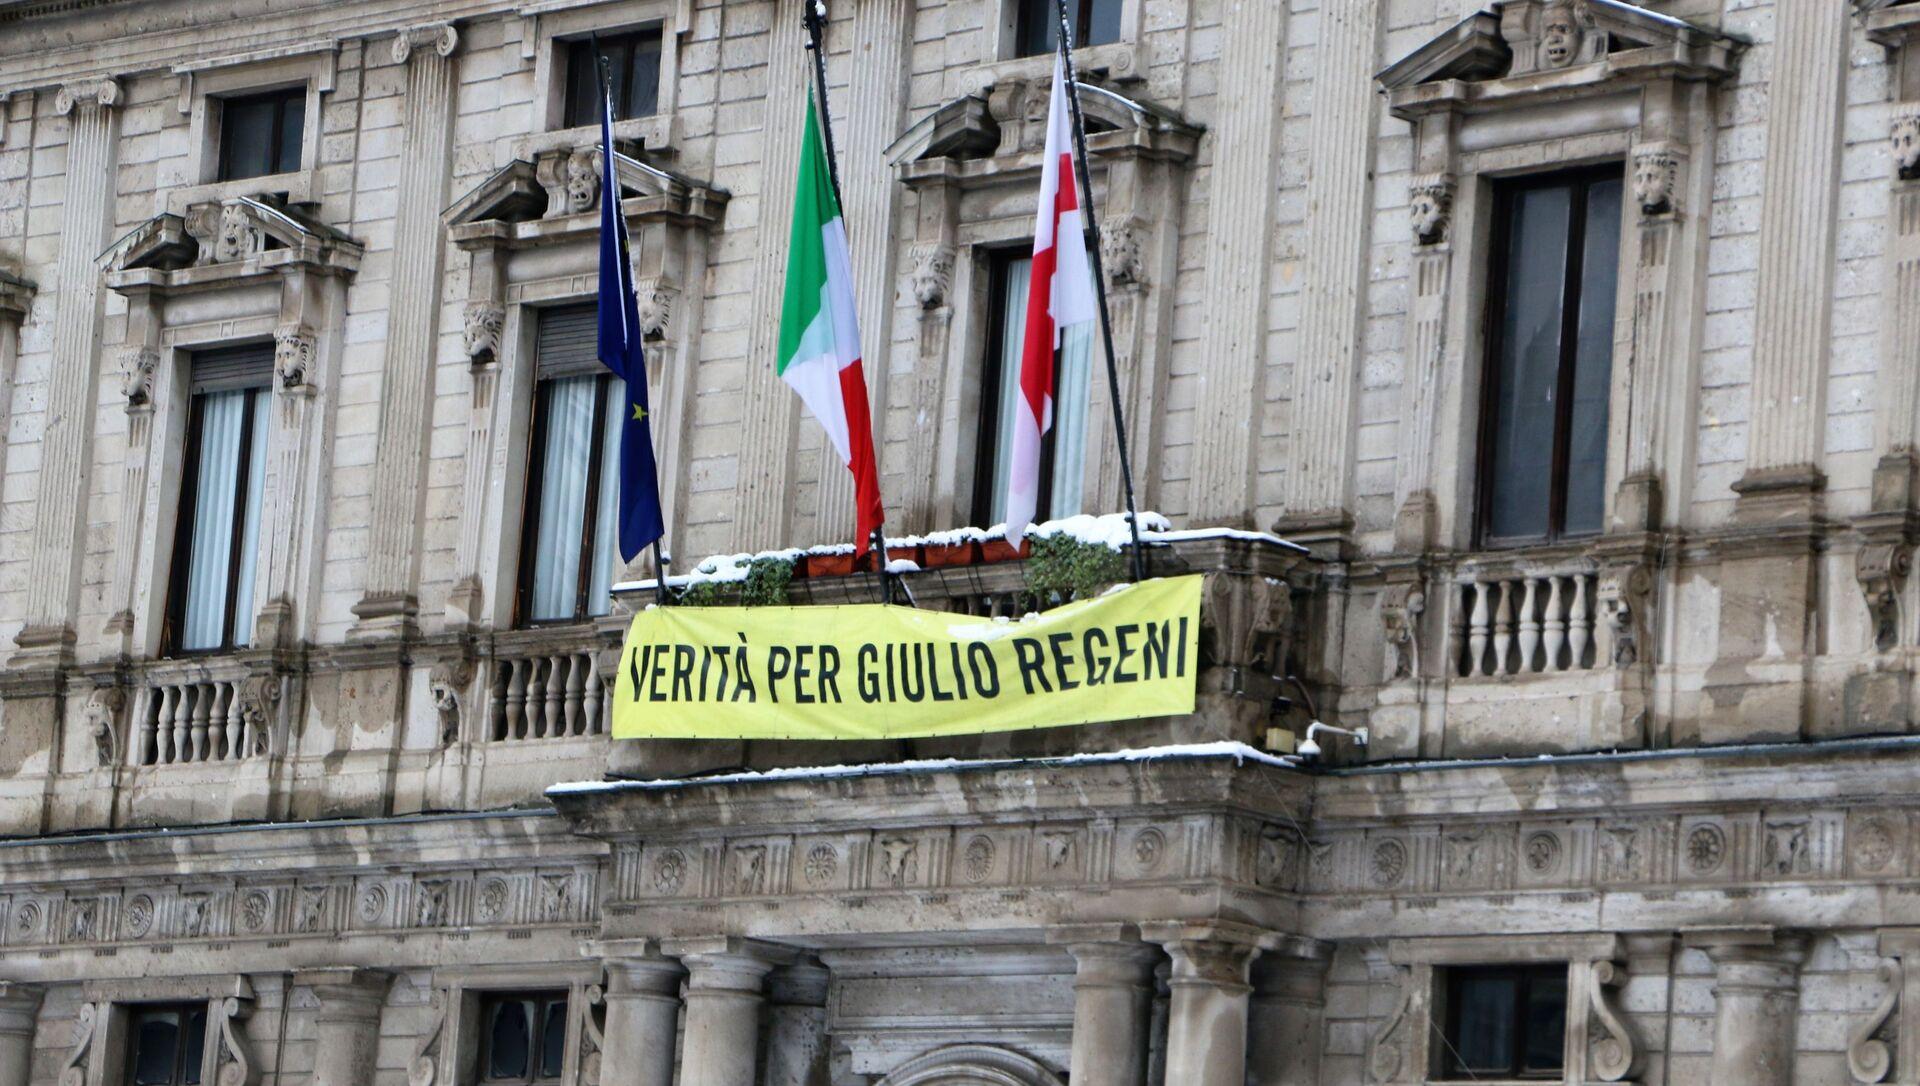 Striscione a sostegno di Giulio Regeni - Sputnik Italia, 1920, 29.04.2021